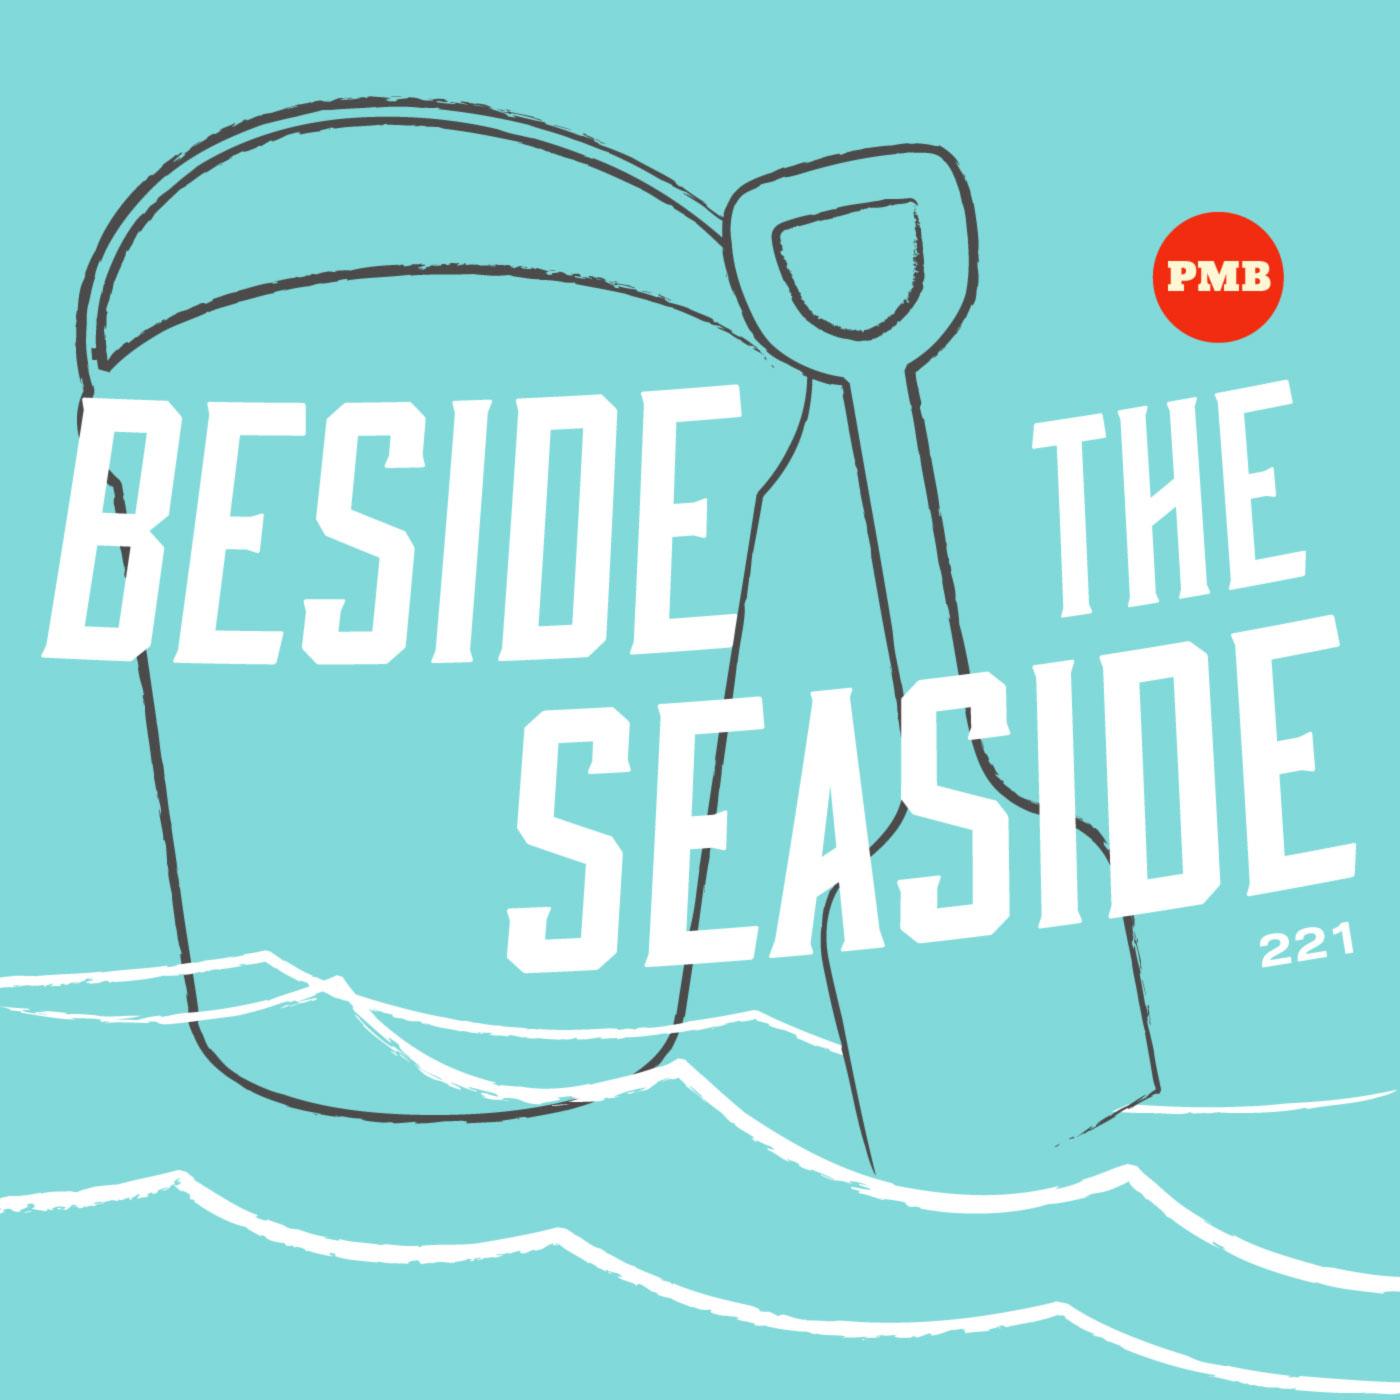 PMB221: Beside the Seaside